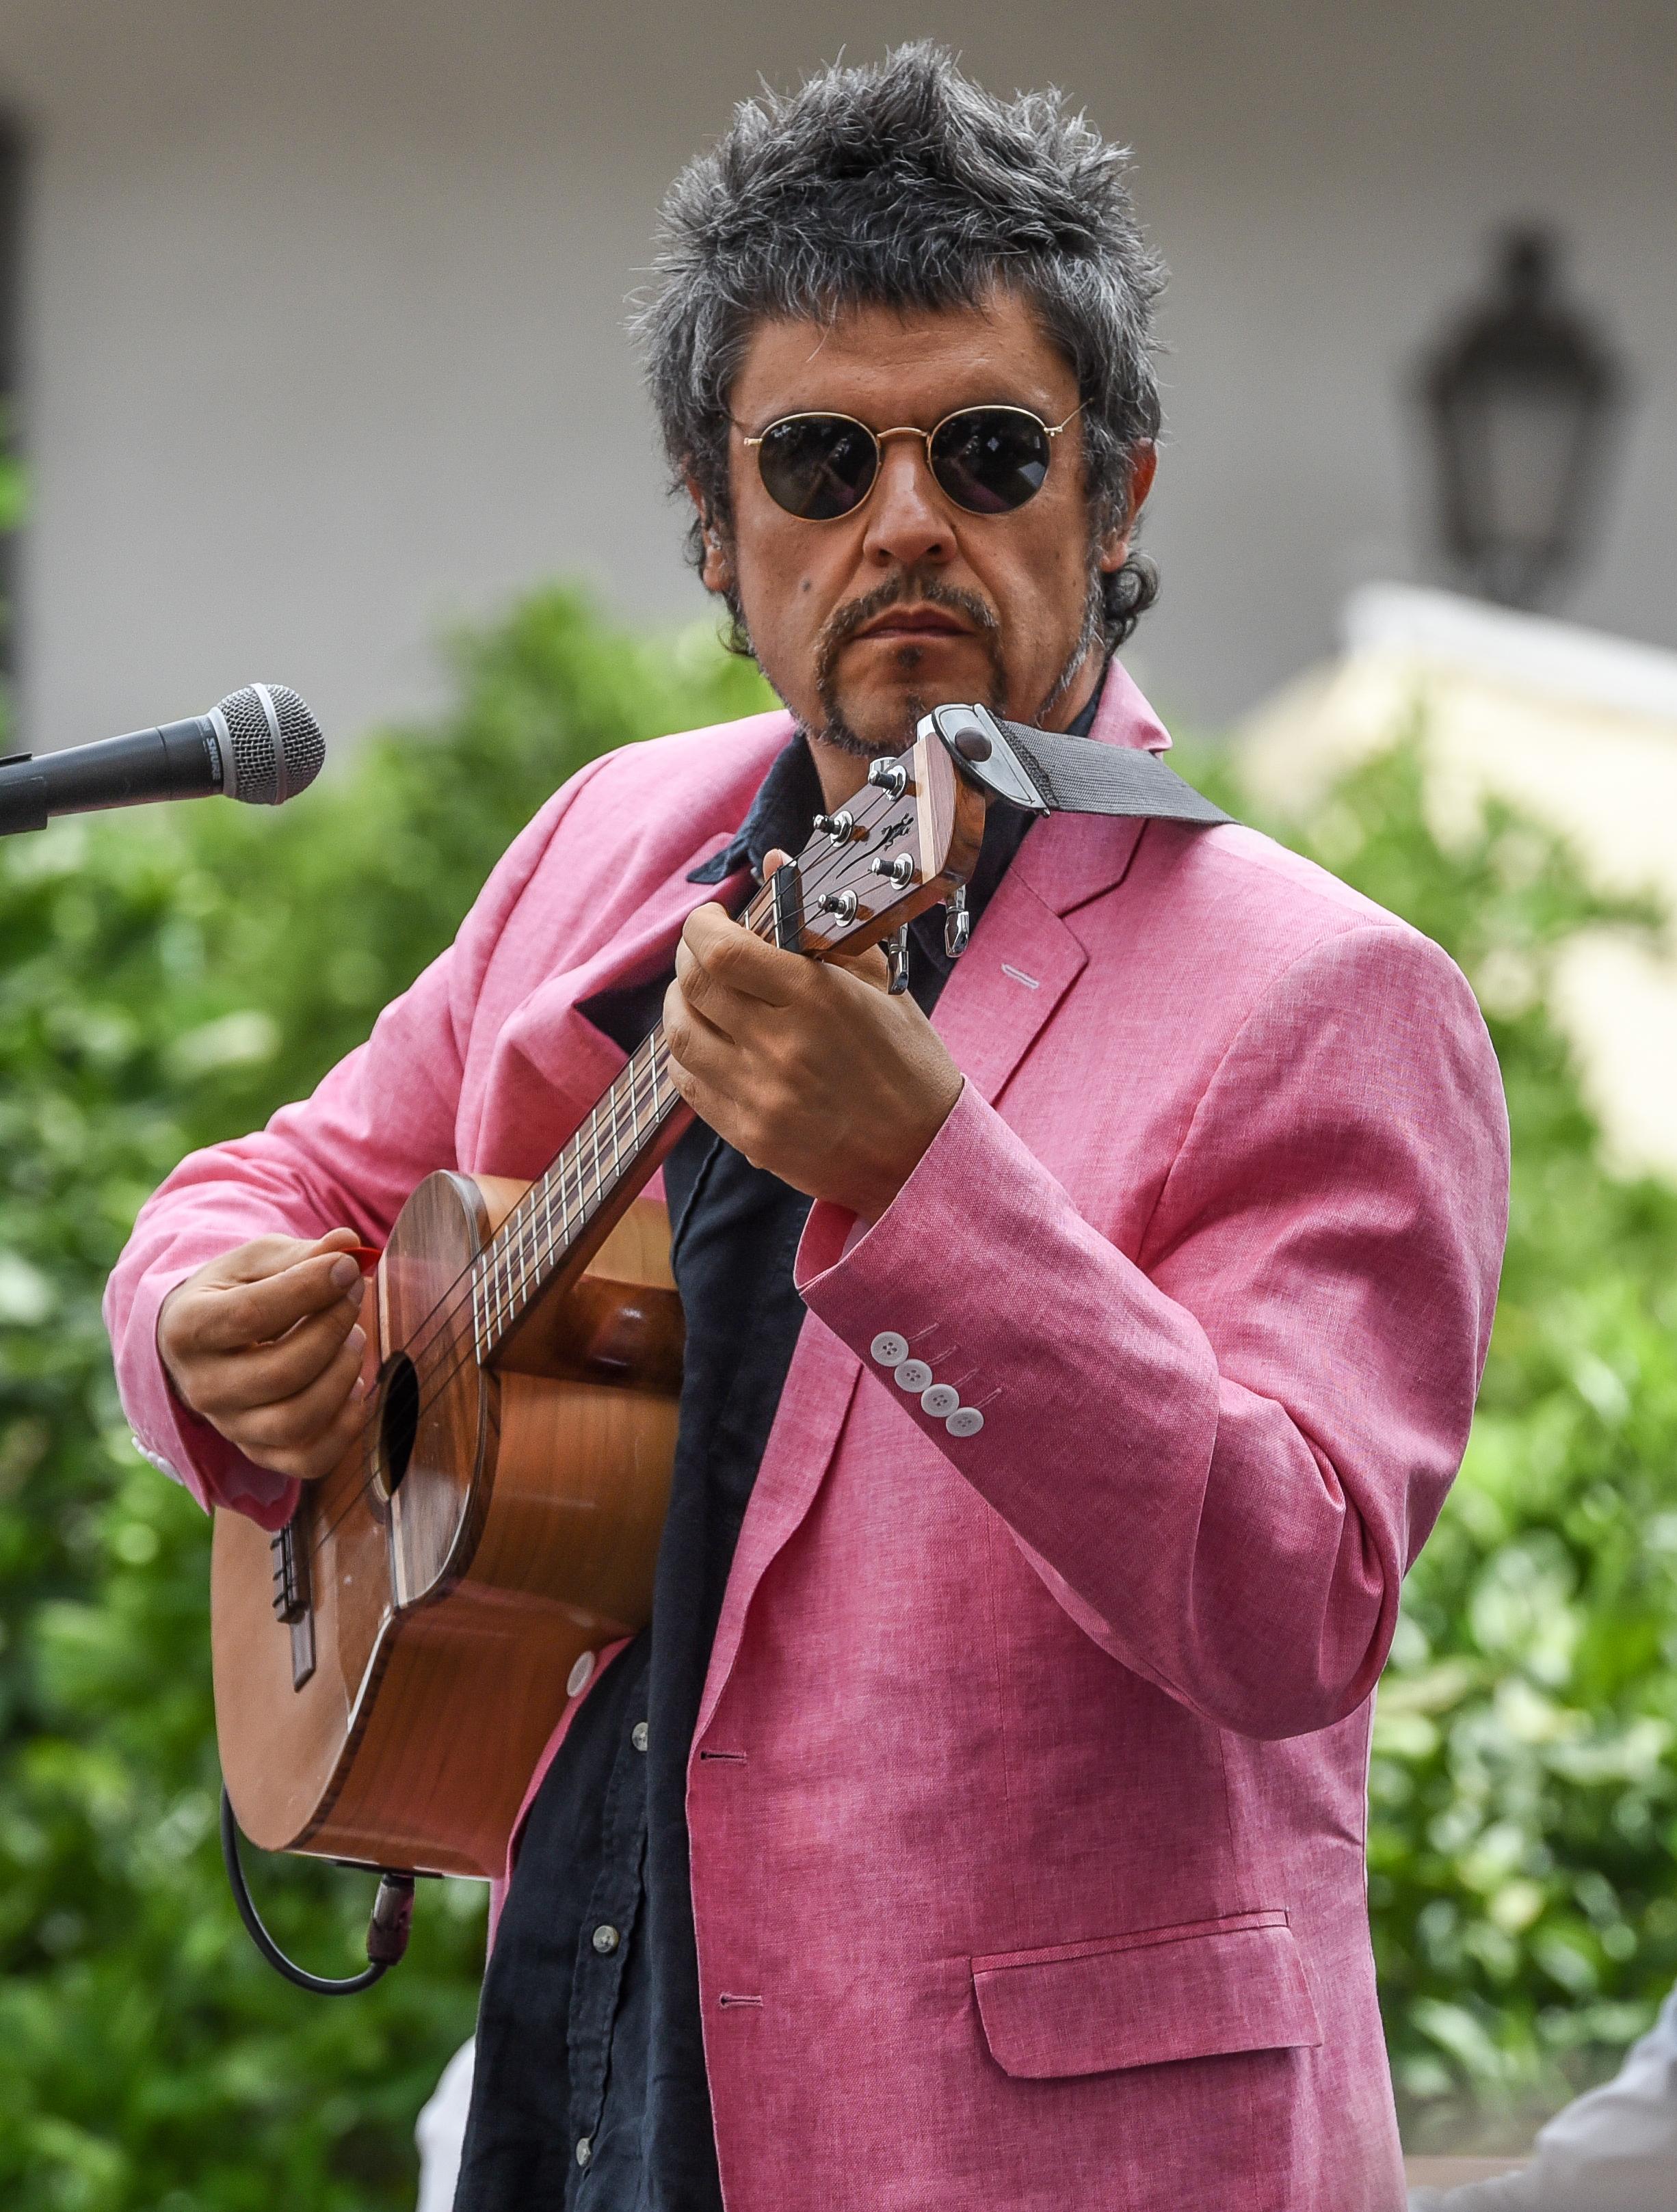 Ángel Parra en diciembre de 2017, tocando ukelele en el Palacio de La Moneda.